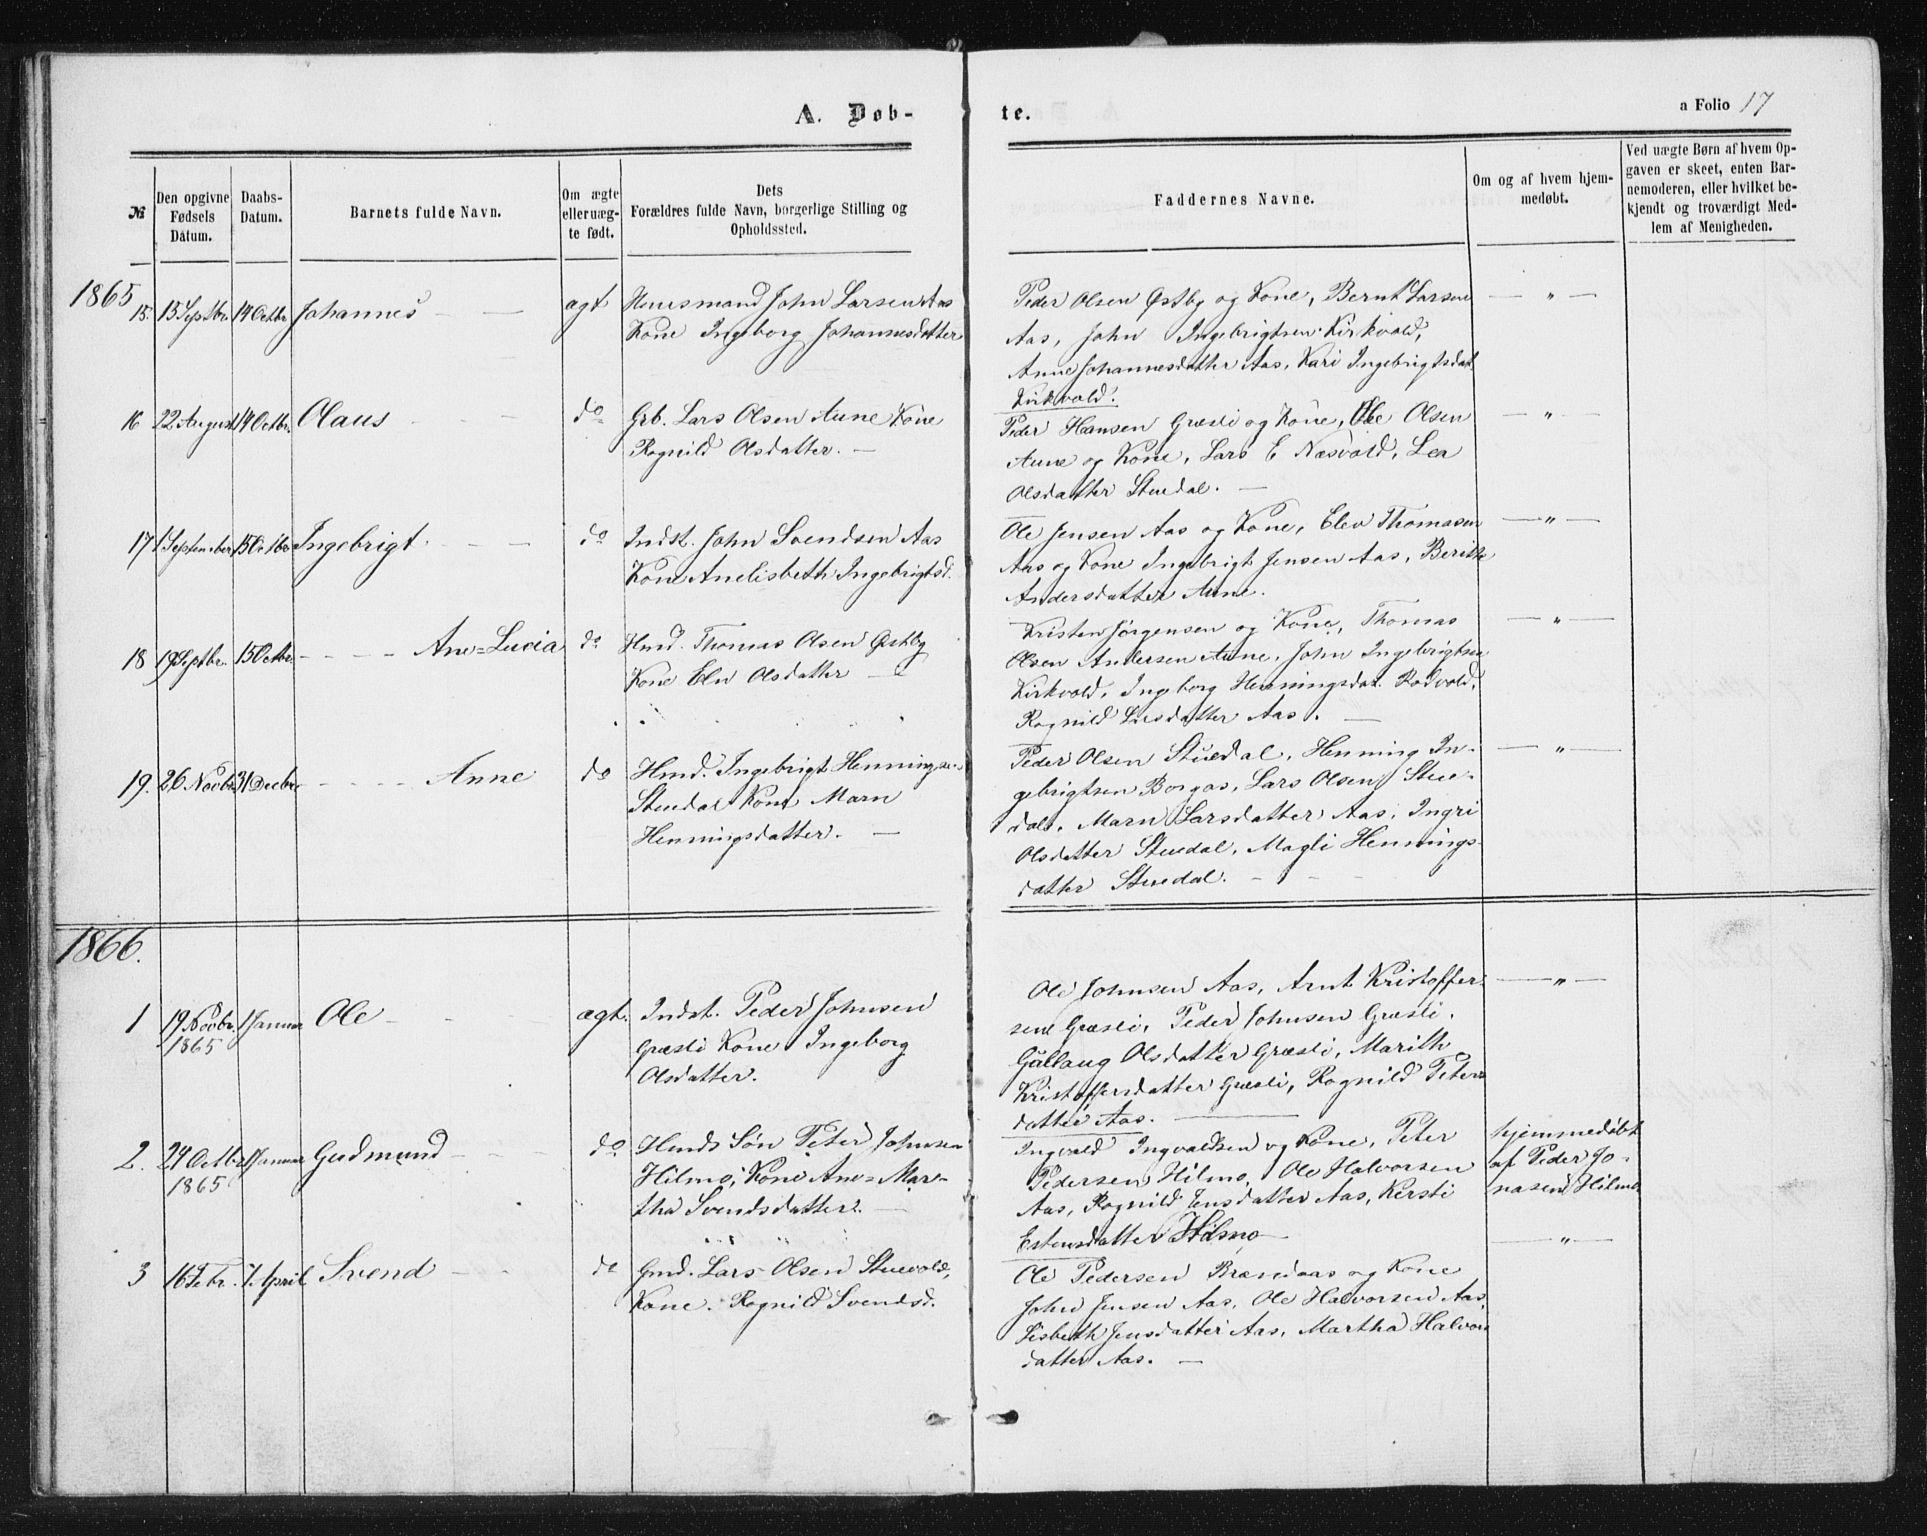 SAT, Ministerialprotokoller, klokkerbøker og fødselsregistre - Sør-Trøndelag, 698/L1166: Klokkerbok nr. 698C03, 1861-1887, s. 17